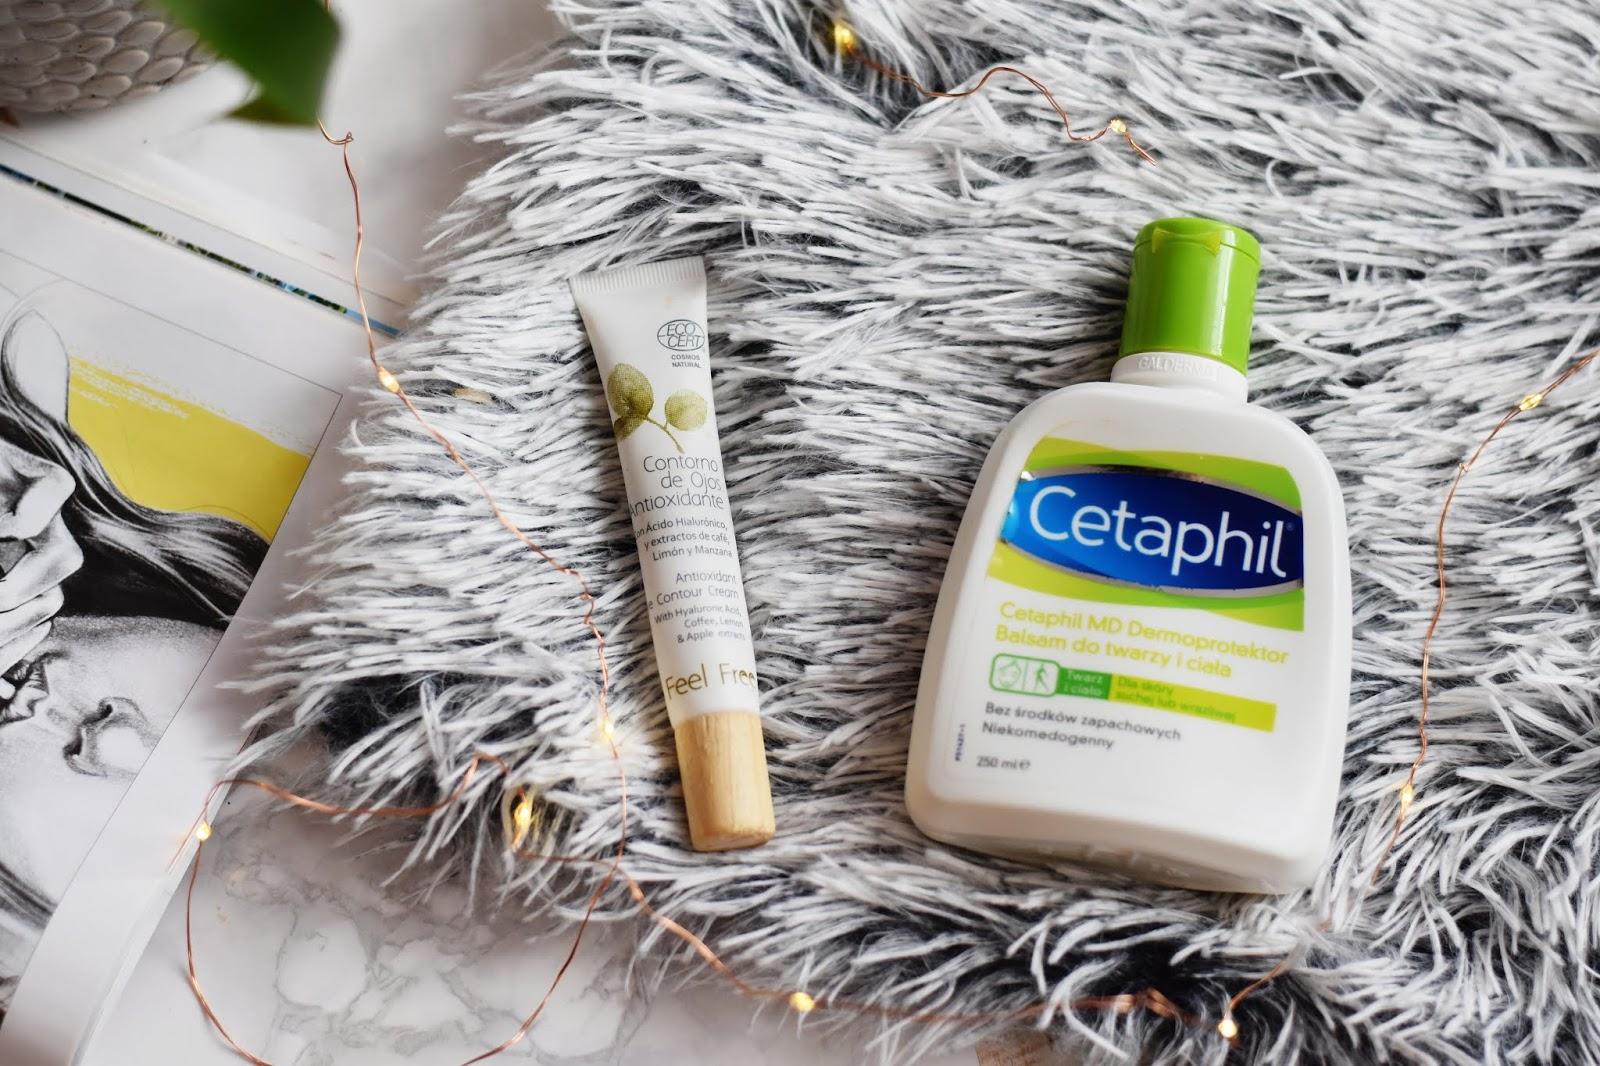 cetaphil balsam do twarzy i ciała recenzja